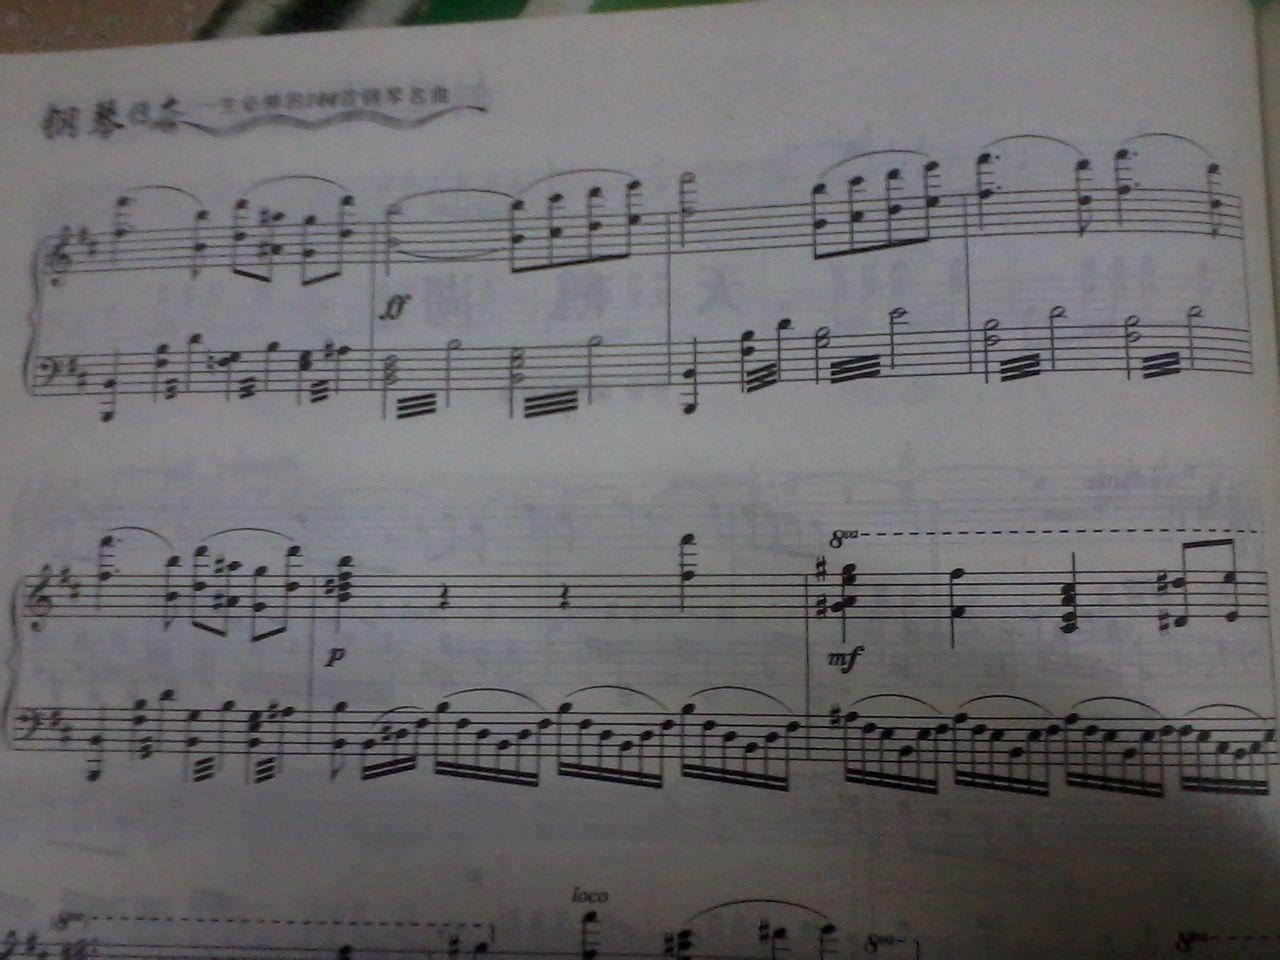 天鹅湖小提琴谱圣桑图片